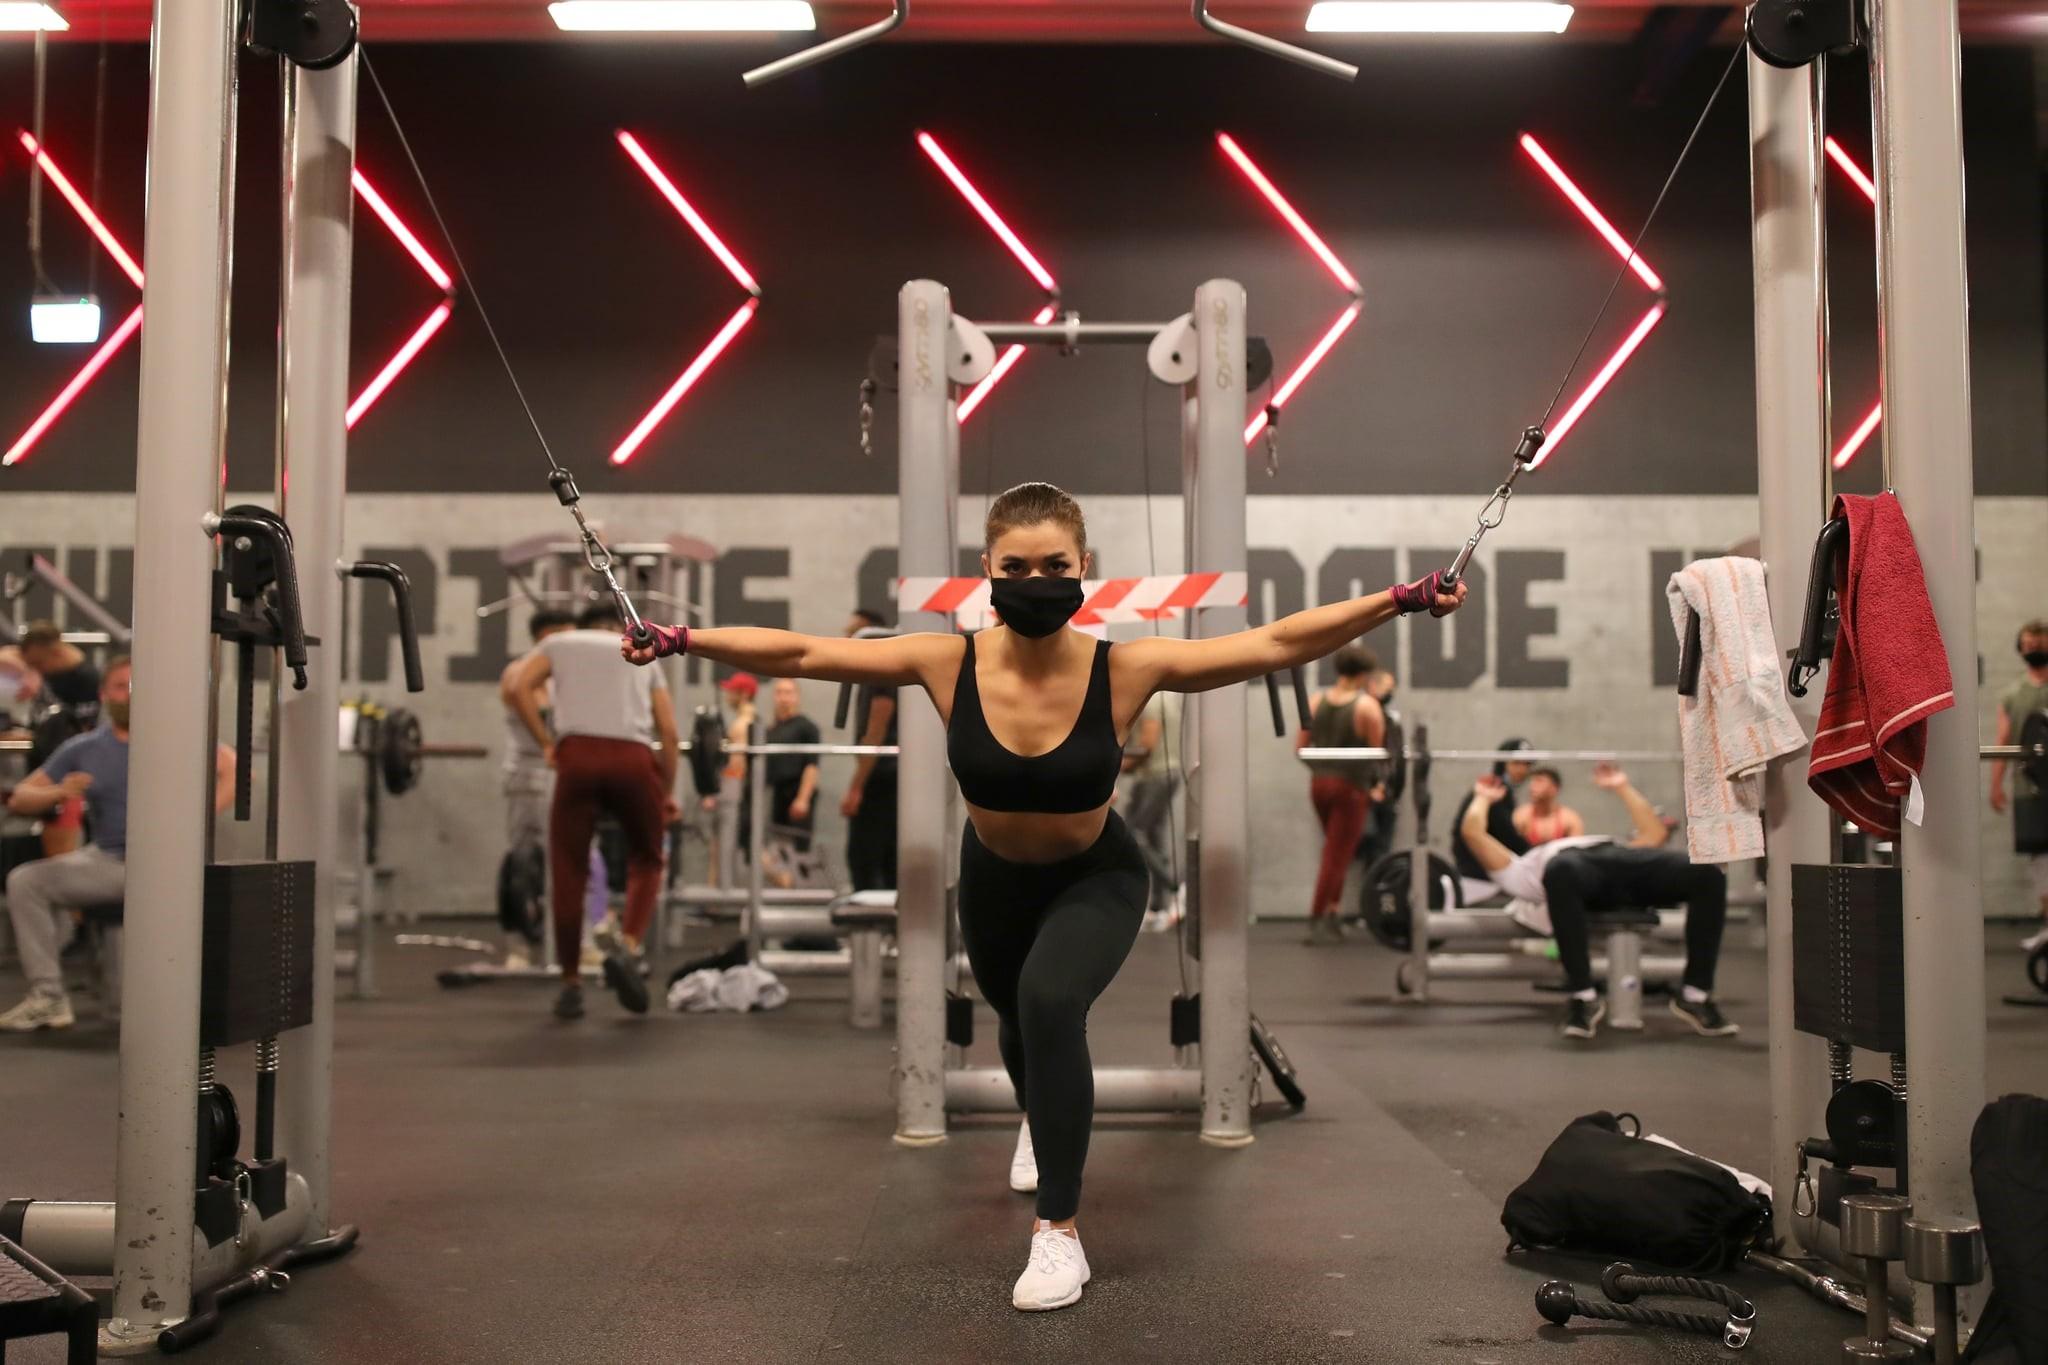 Persiste la caída de socios y accesos en los gimnasios durante octubre